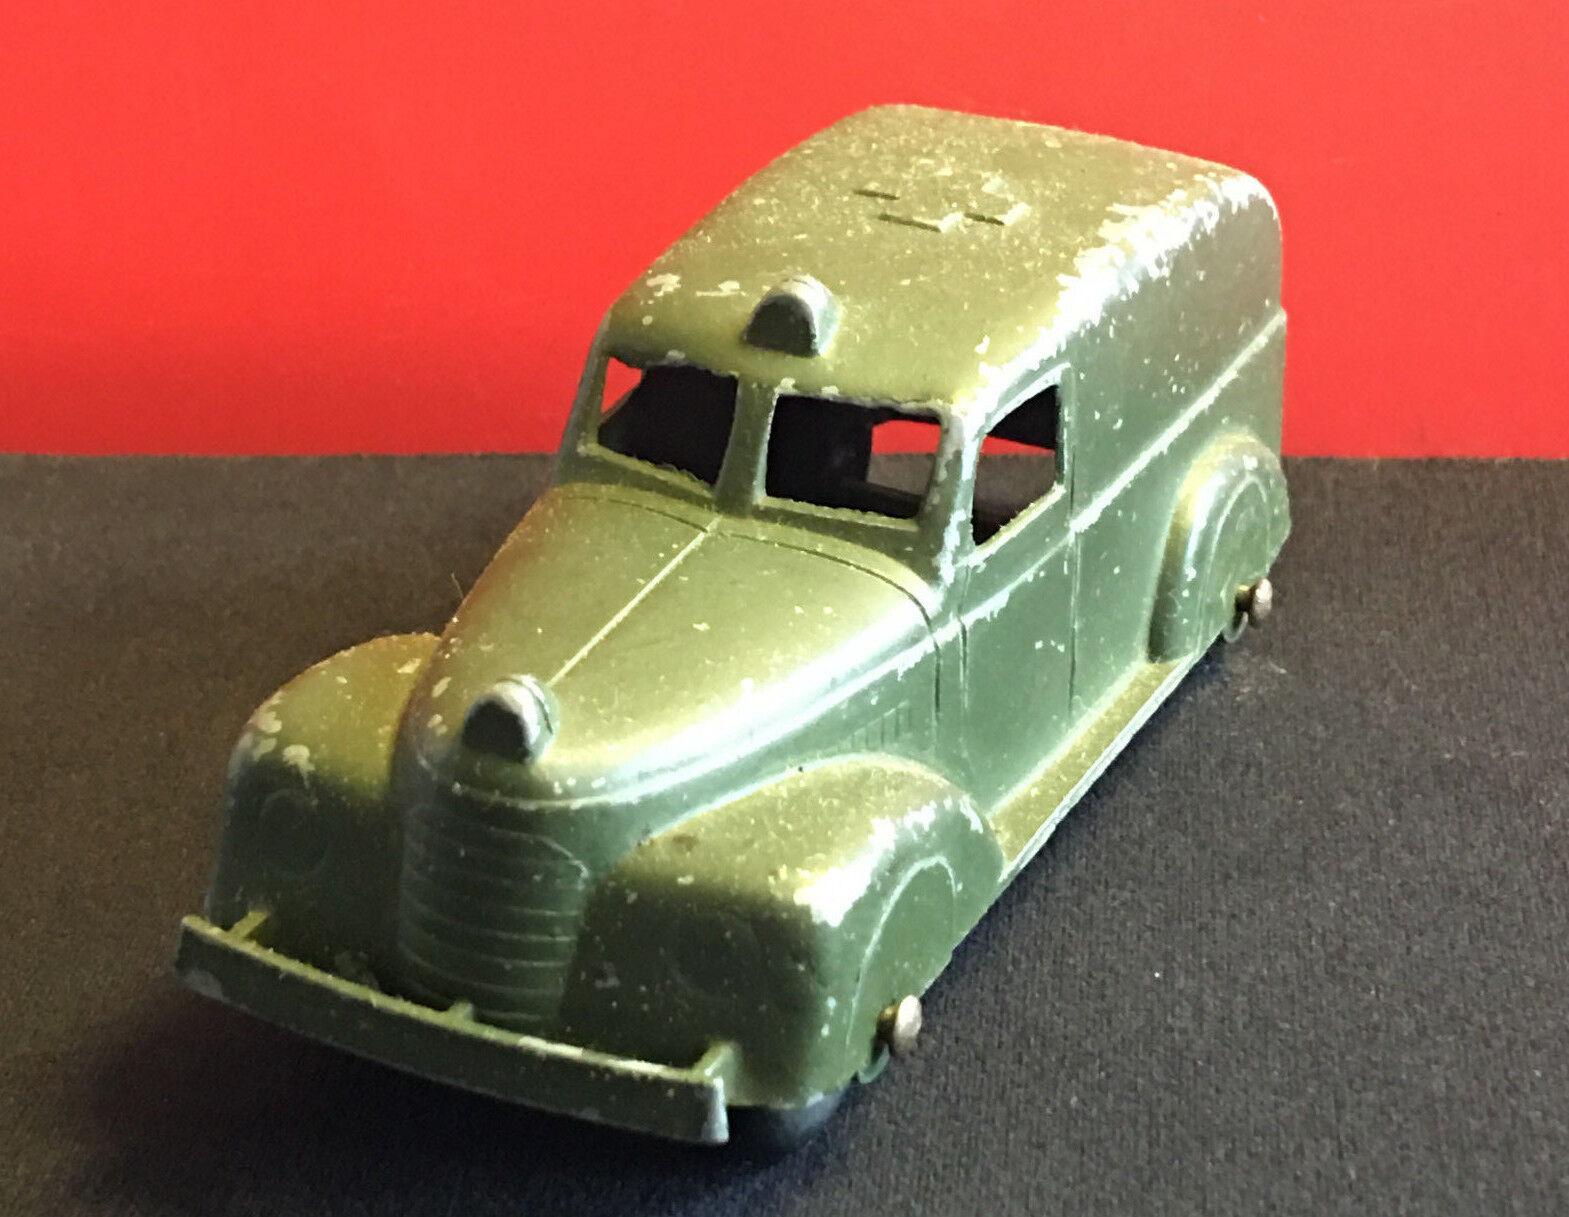 mejor calidad Antiguo De Colección Coleccionable Tootsie Juguete Juguete Juguete Hecho en E. U. Army Medical Camión  precios mas baratos